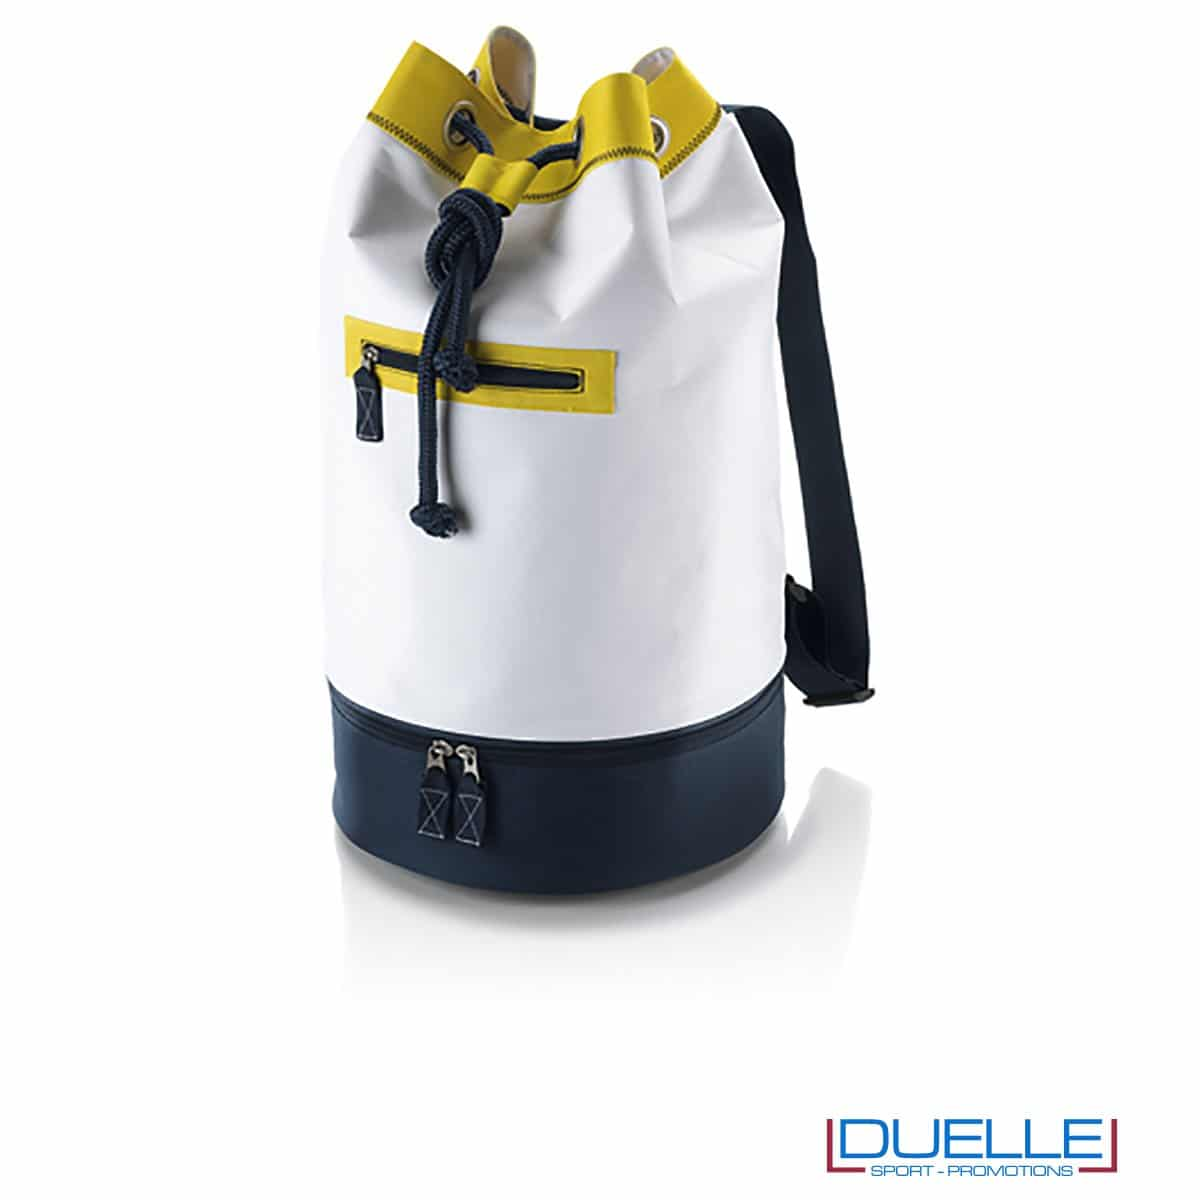 sacche mare personalizzate bianca e gialla, zaini mare personalizzabili